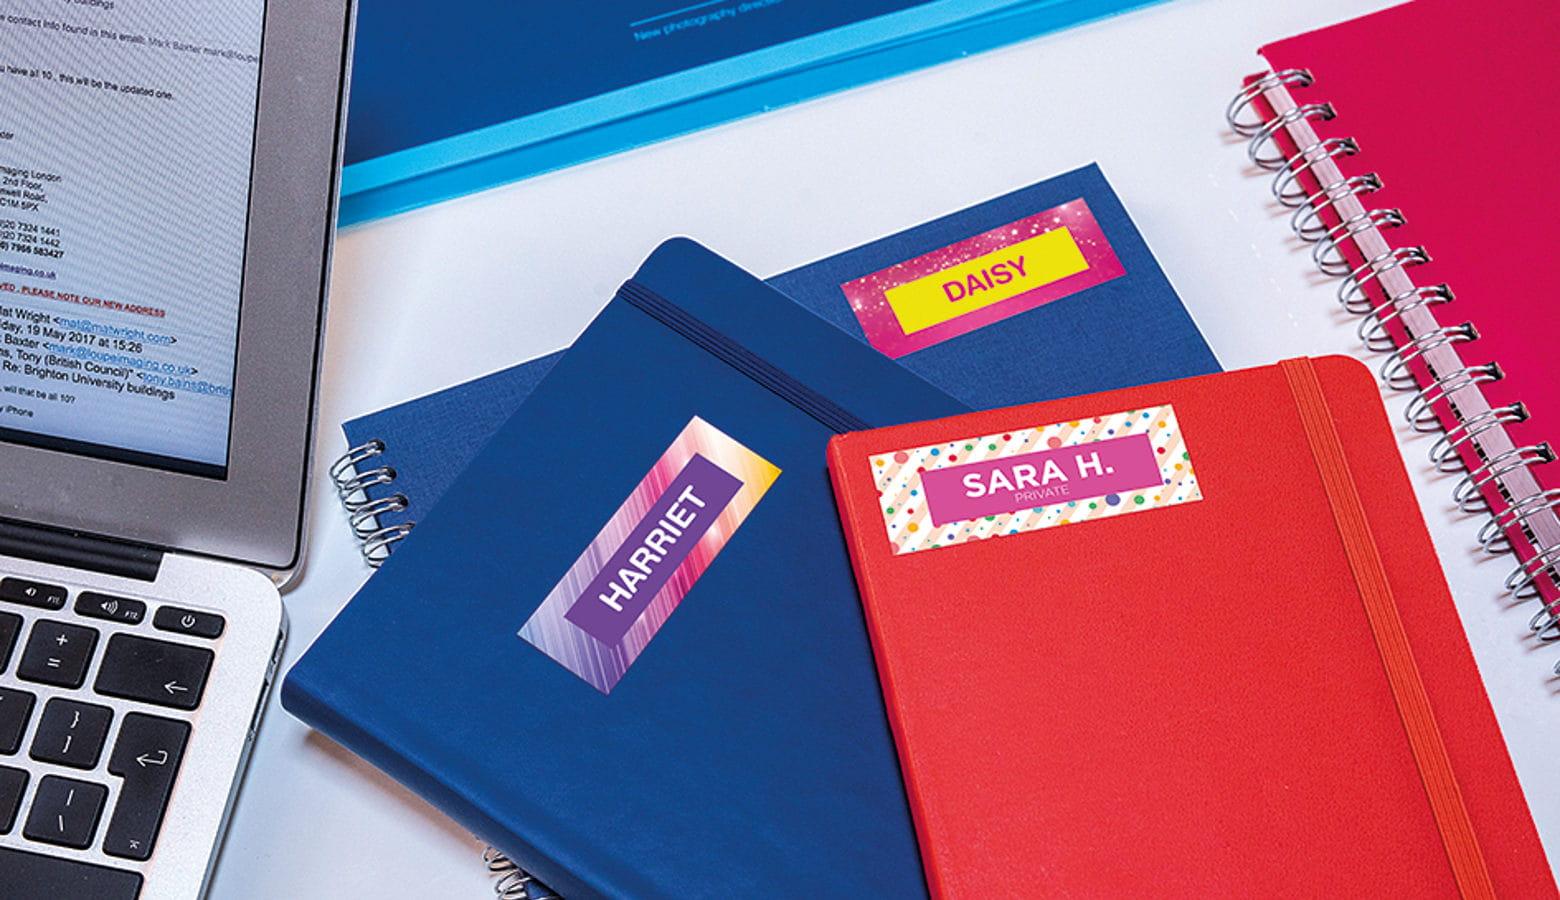 Cuadernos y carpetas de colores con etiquetas